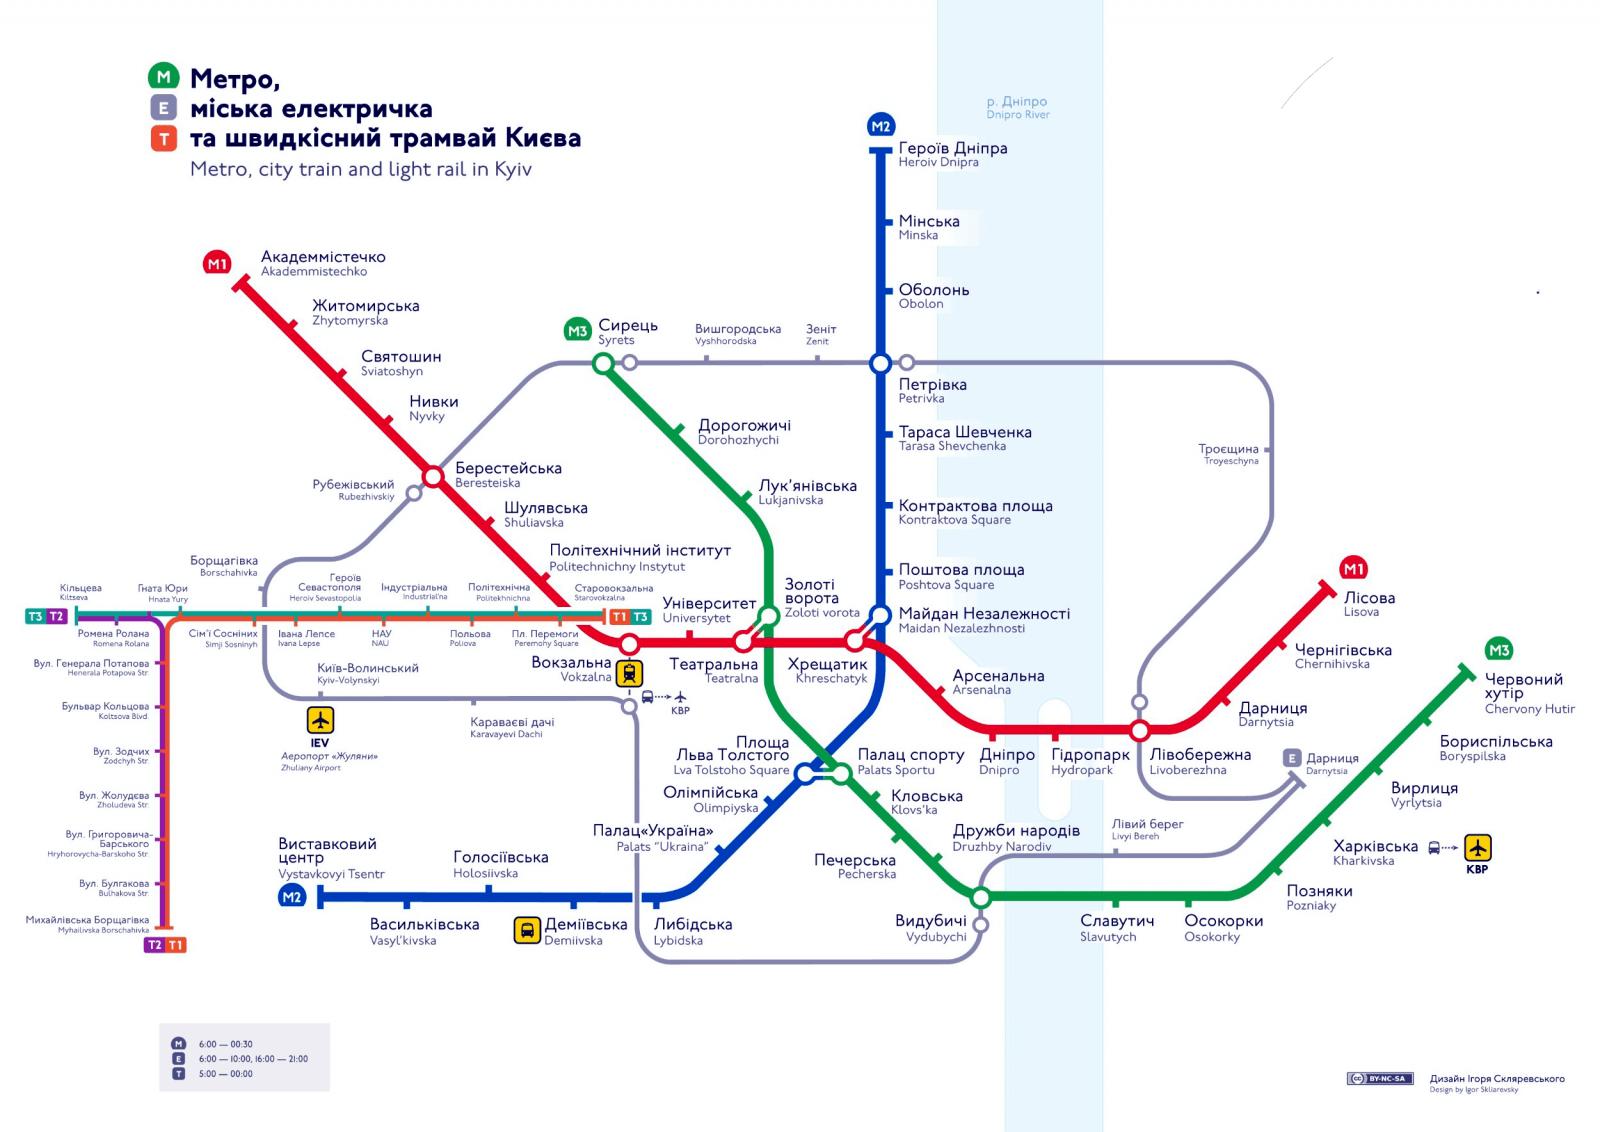 Sieć linii metra i tramwajów w Kijowie